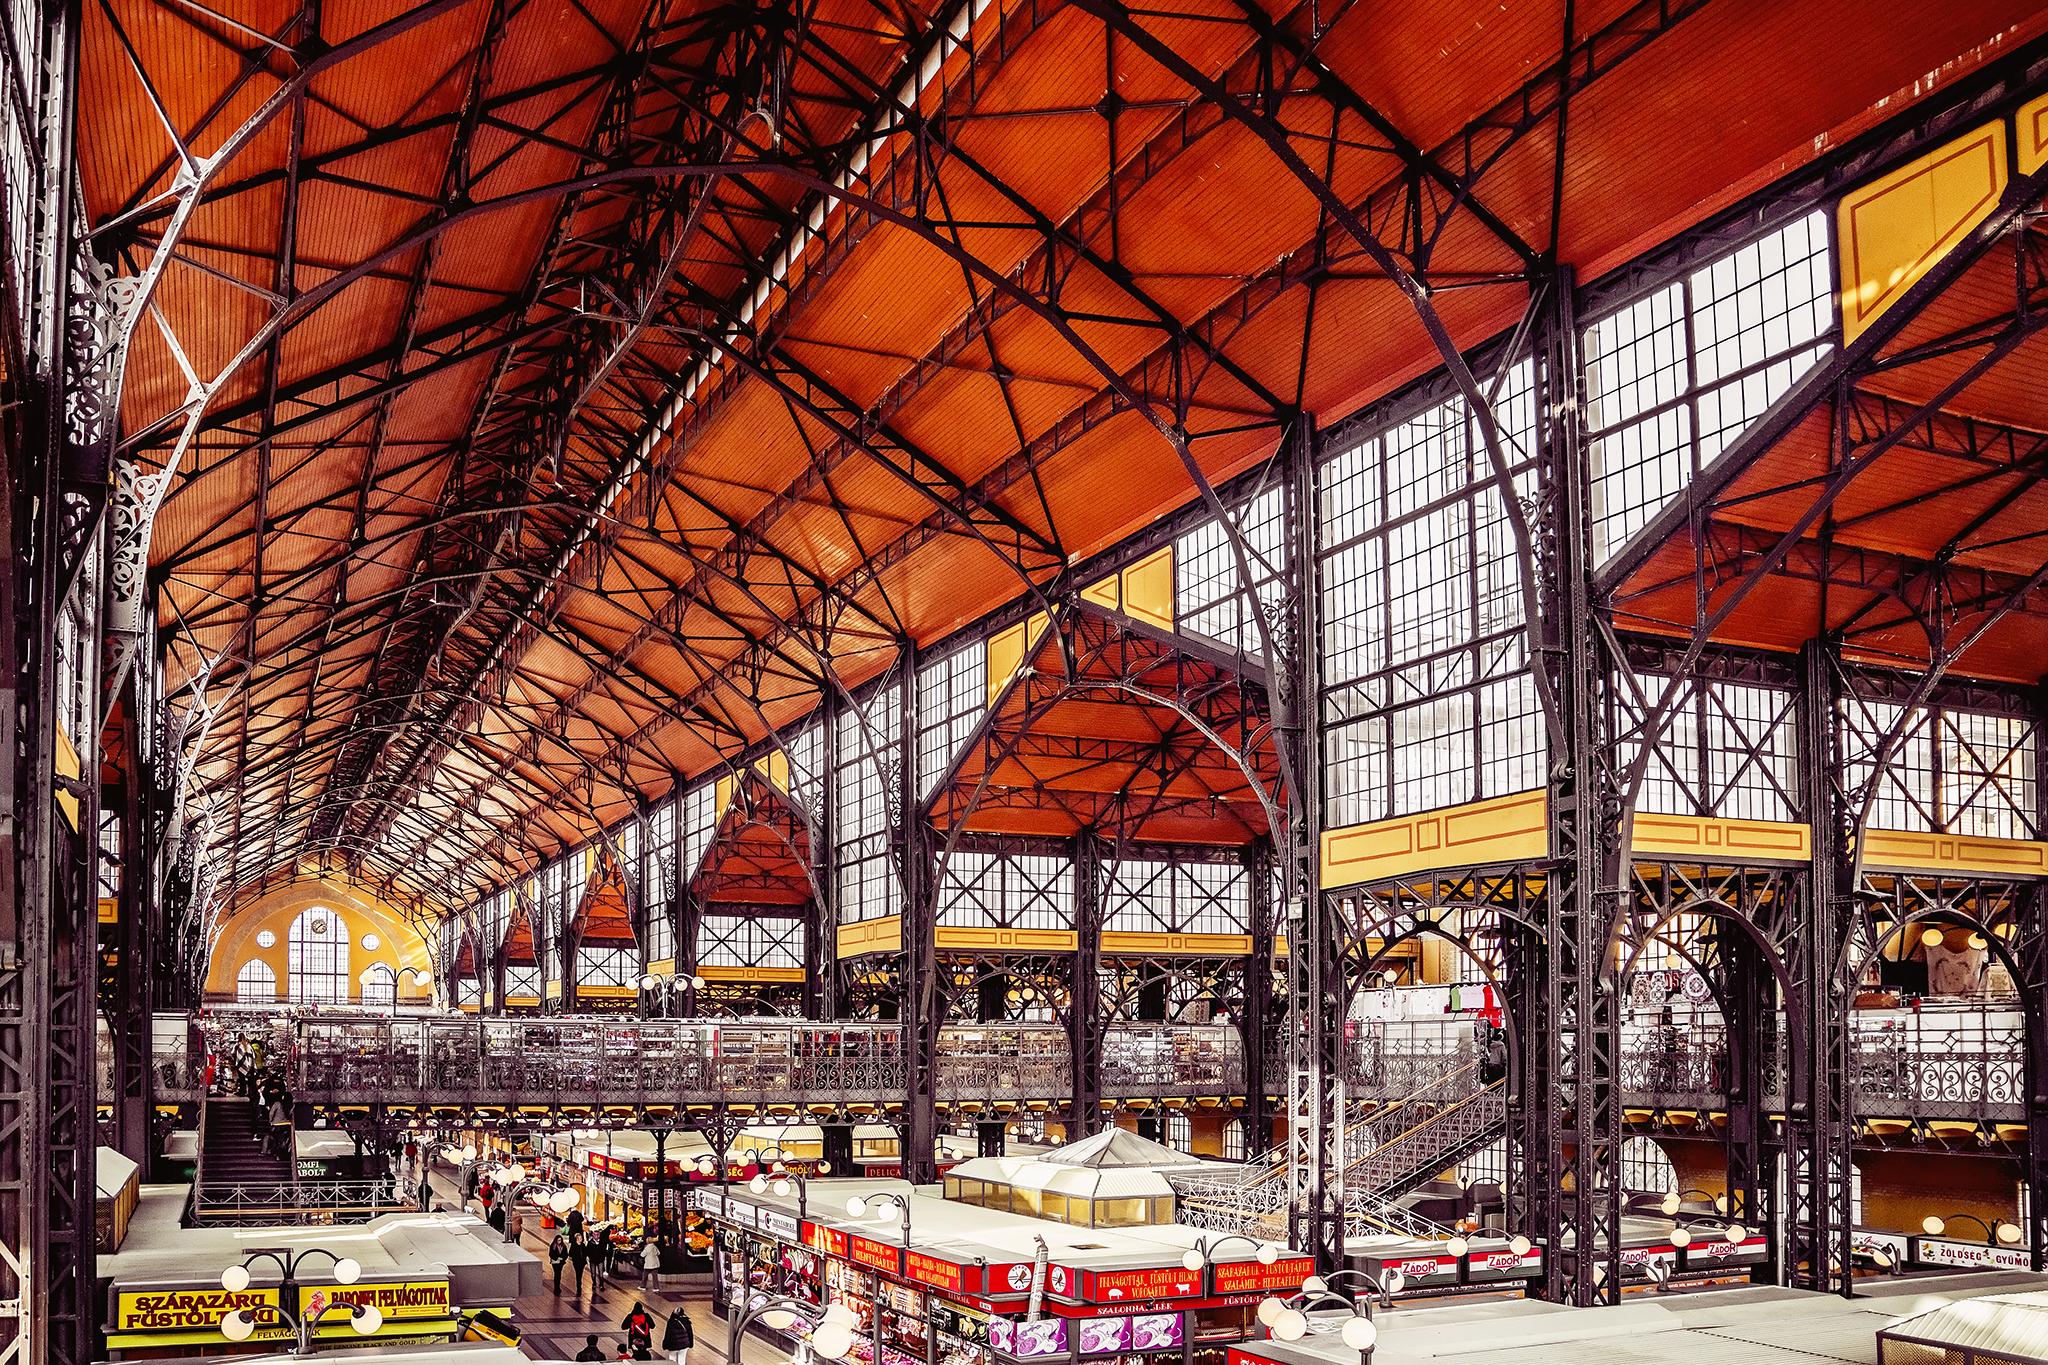 Great Market Hall, Hungary